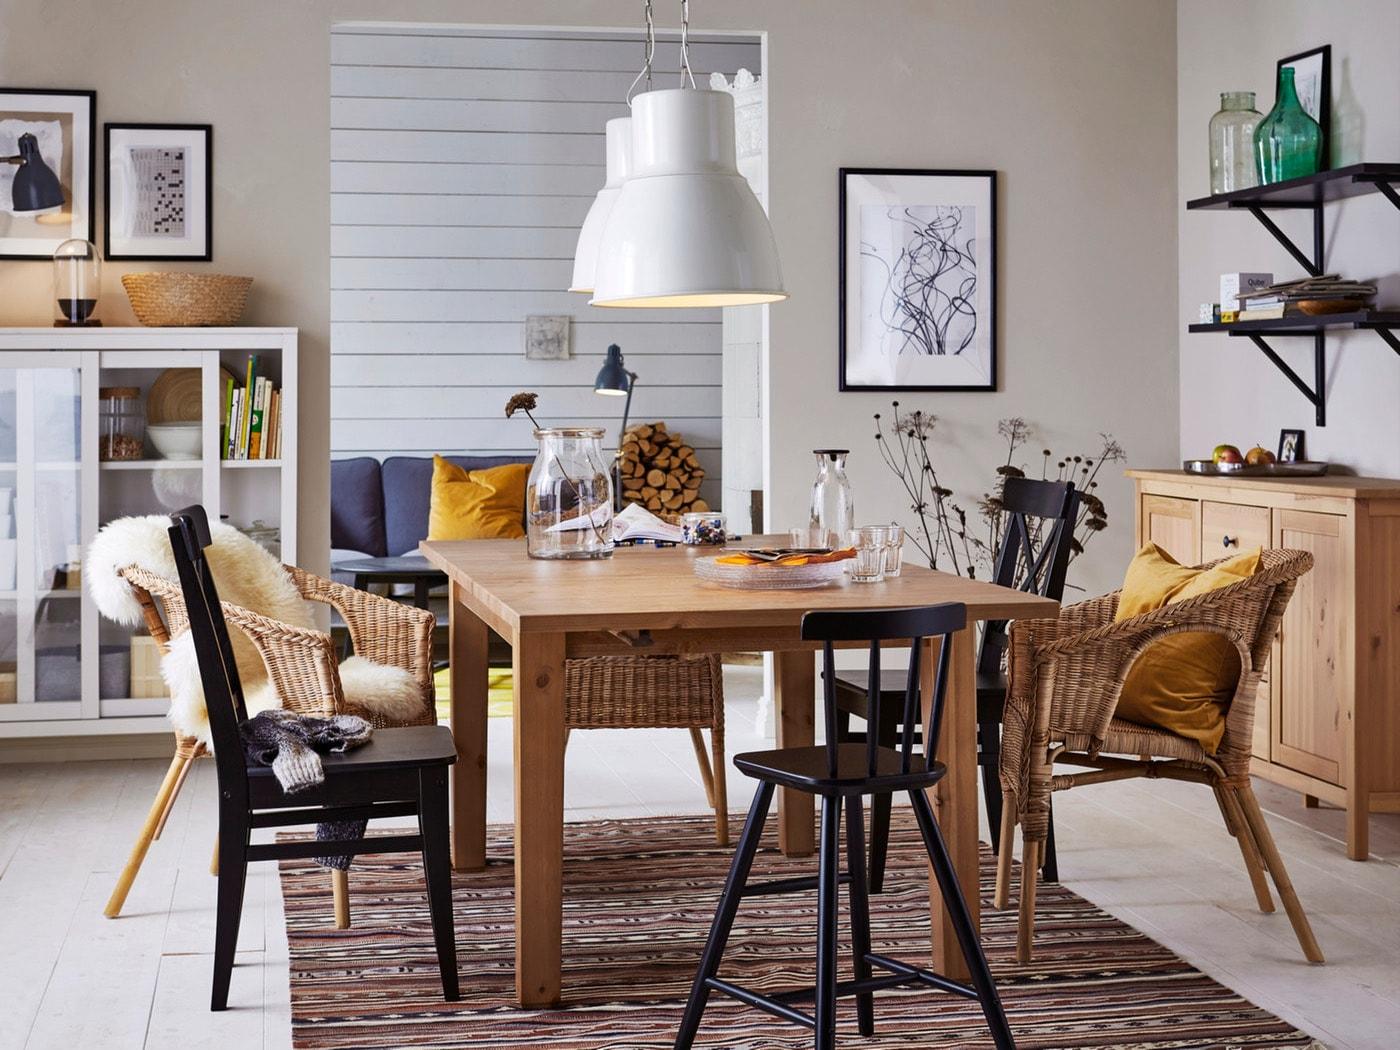 Wunderbar Esszimmer   Ideen U0026 Einrichtung   IKEA